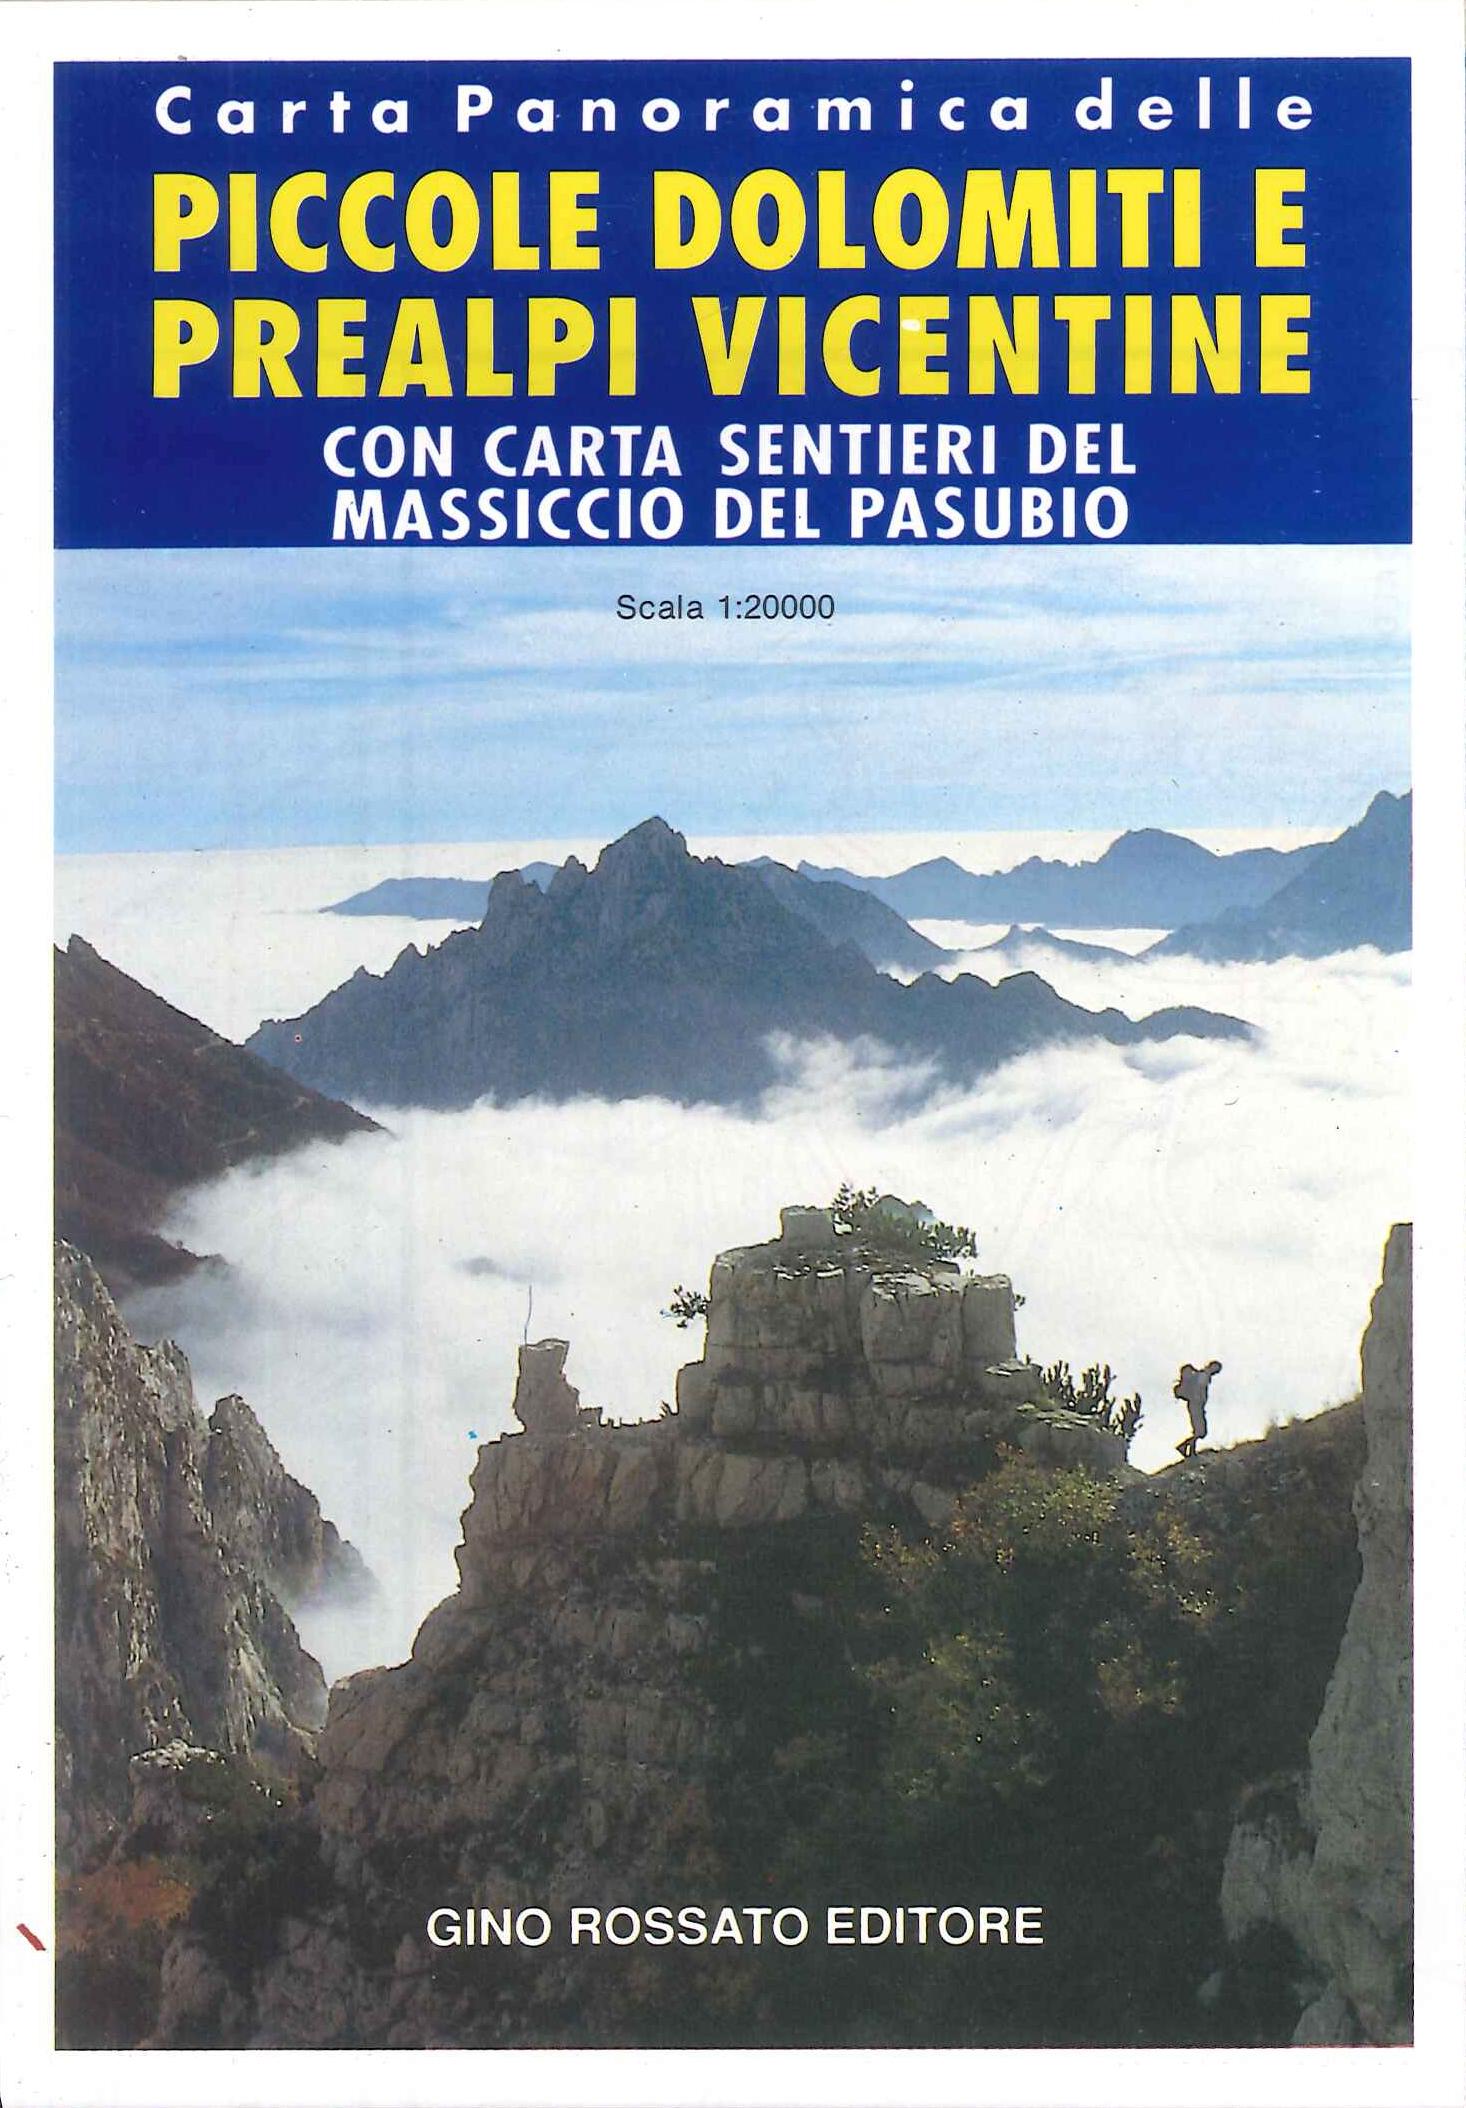 Carta Panoramica delle Piccole Dolomiti e Prealpi Vicentine 1:20.000. Con Carta Sentieri Massiccio del Pasubio.